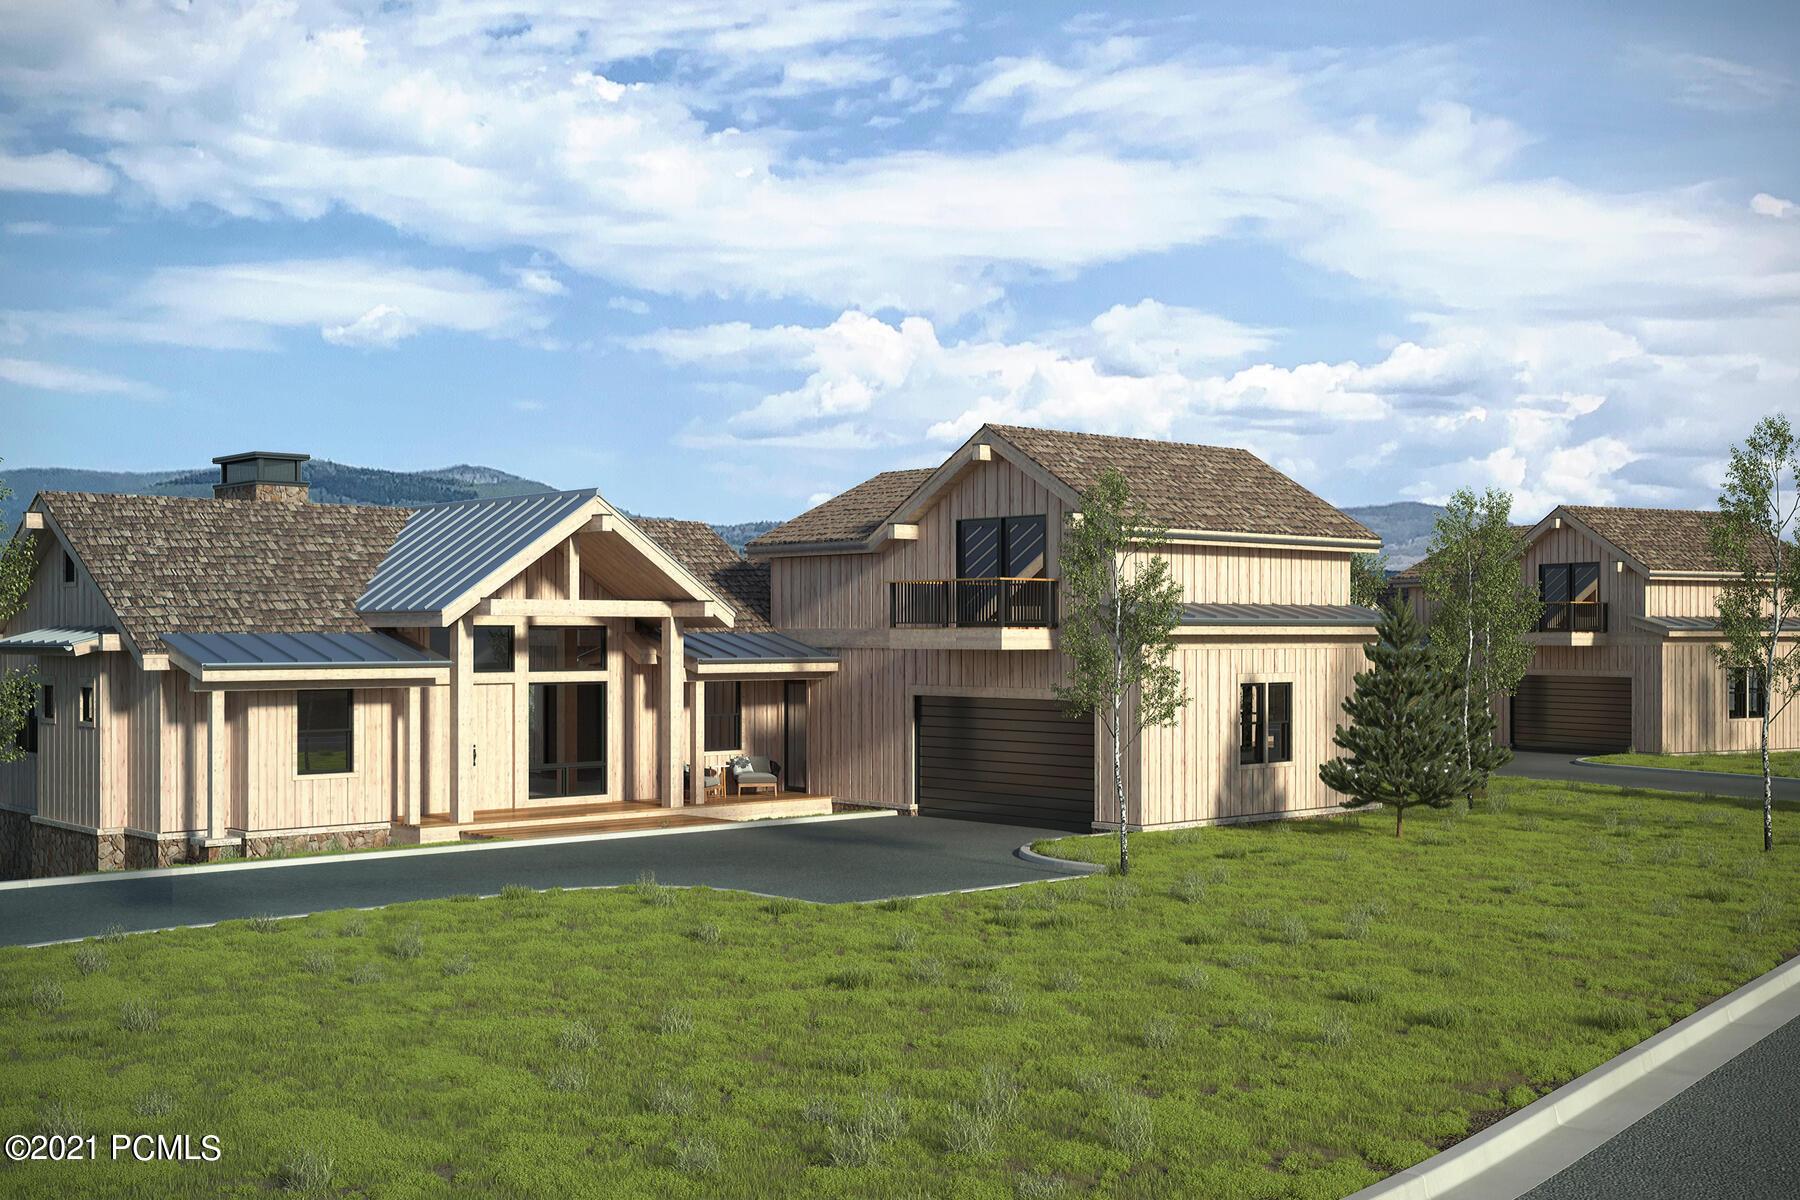 7559 Stardust Ct #318g, 5.7, Heber City, Utah 84032, 5 Bedrooms Bedrooms, ,6 BathroomsBathrooms,Fractional Interest,For Sale,Stardust Ct #318g, 5.7,12100665